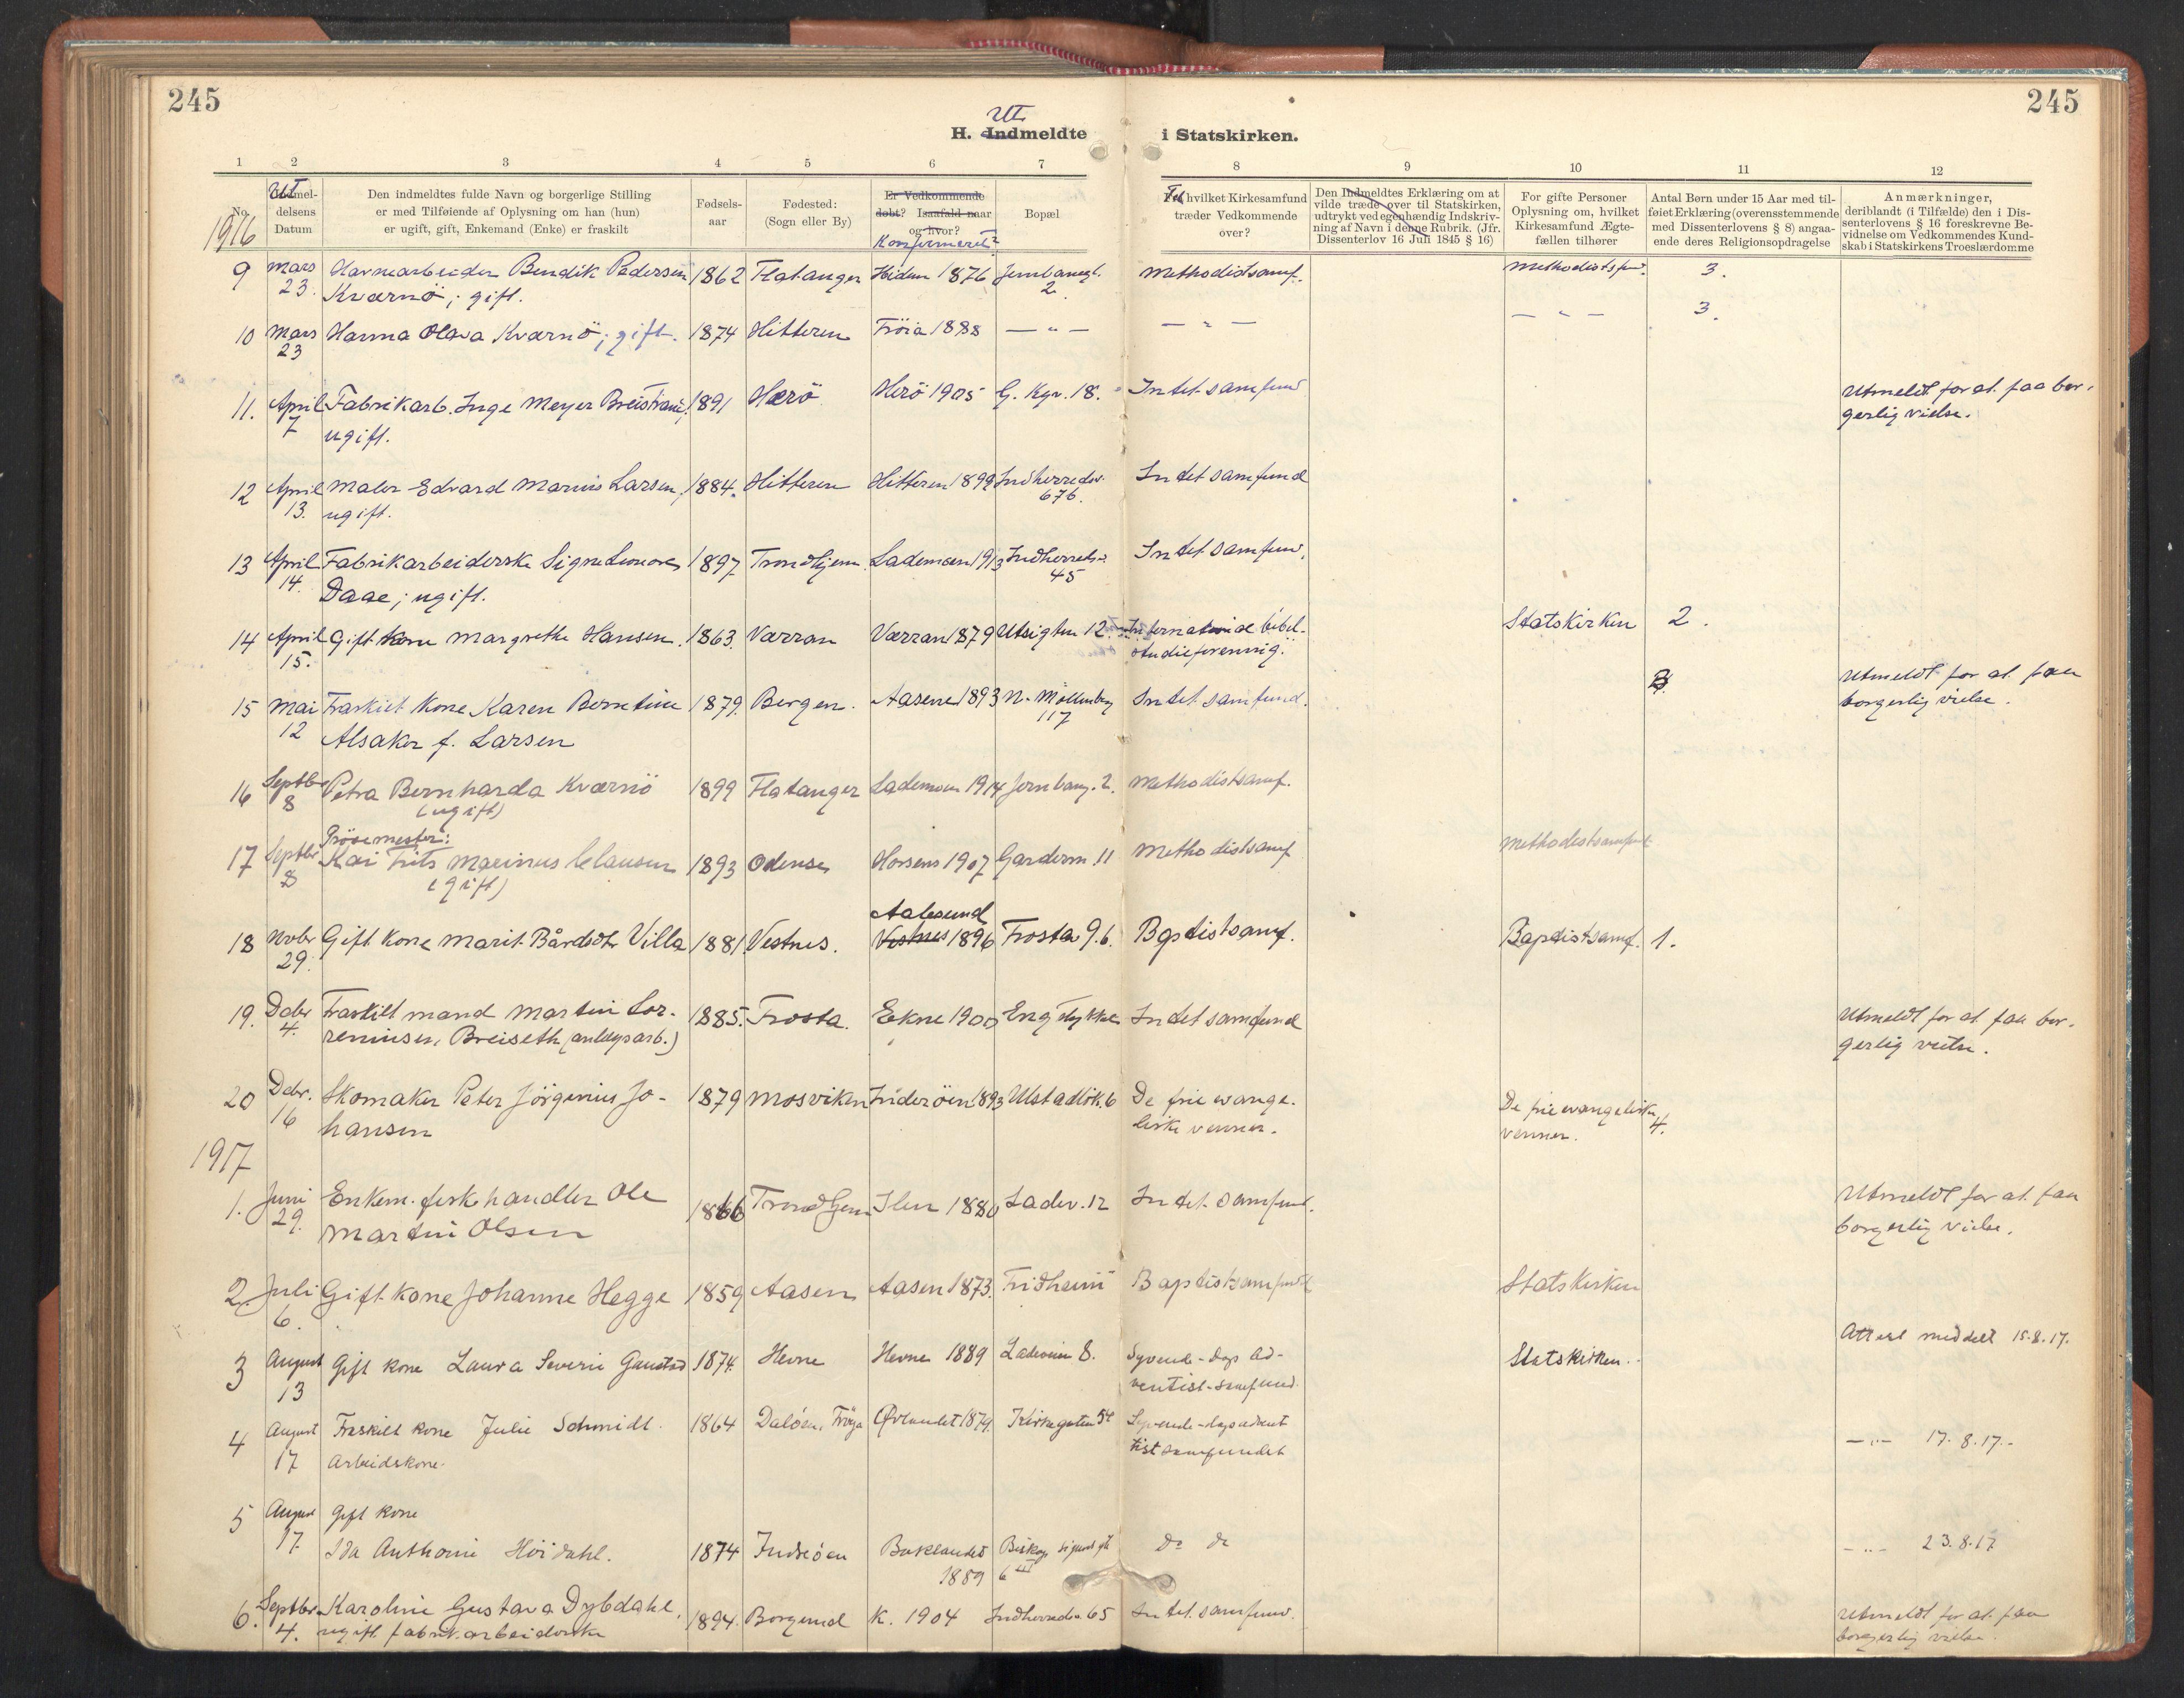 SAT, Ministerialprotokoller, klokkerbøker og fødselsregistre - Sør-Trøndelag, 605/L0244: Ministerialbok nr. 605A06, 1908-1954, s. 245